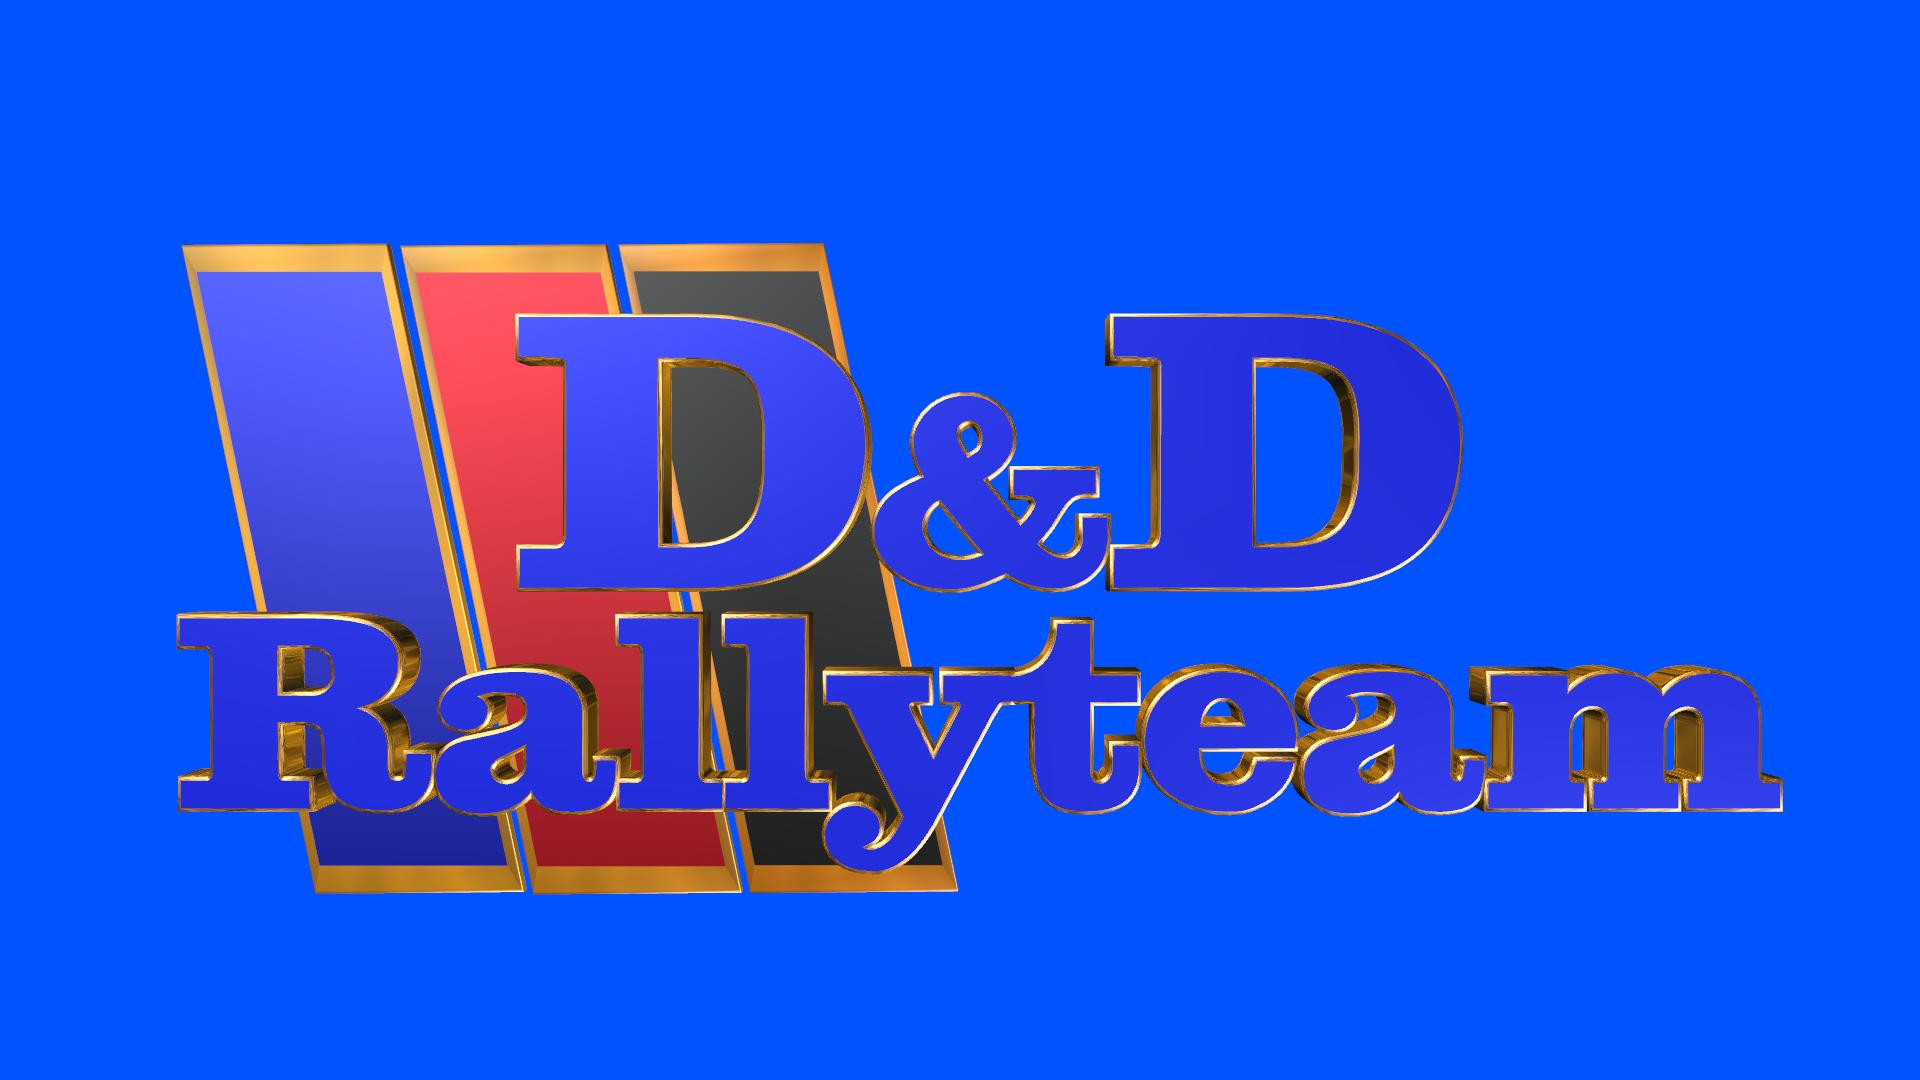 5697dfdbe1326-D%26D_rallyteam_1.png